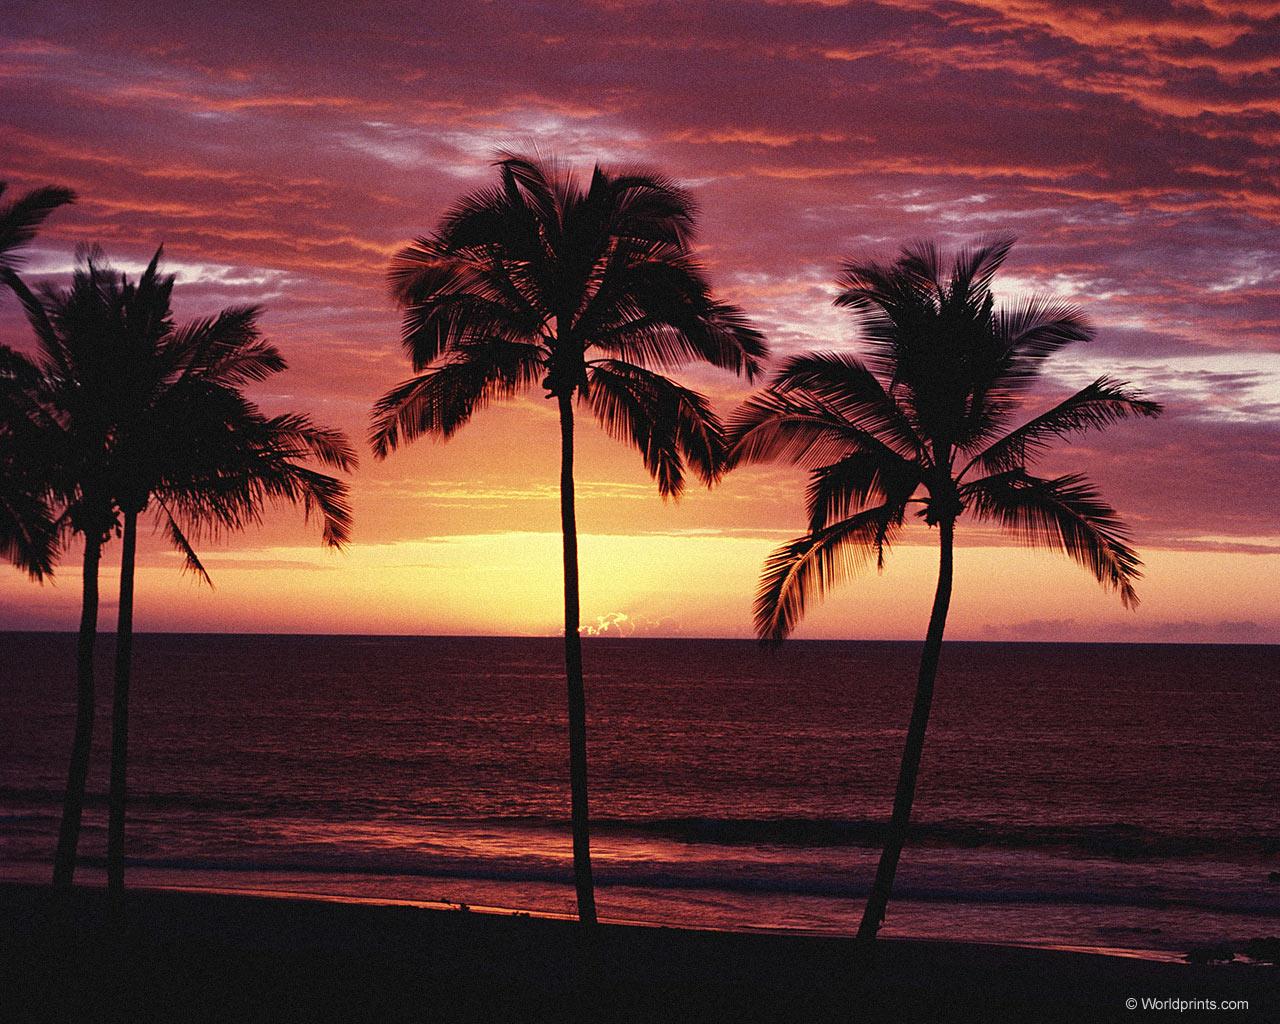 Открытки весь, картинки с днем рождения пальмы